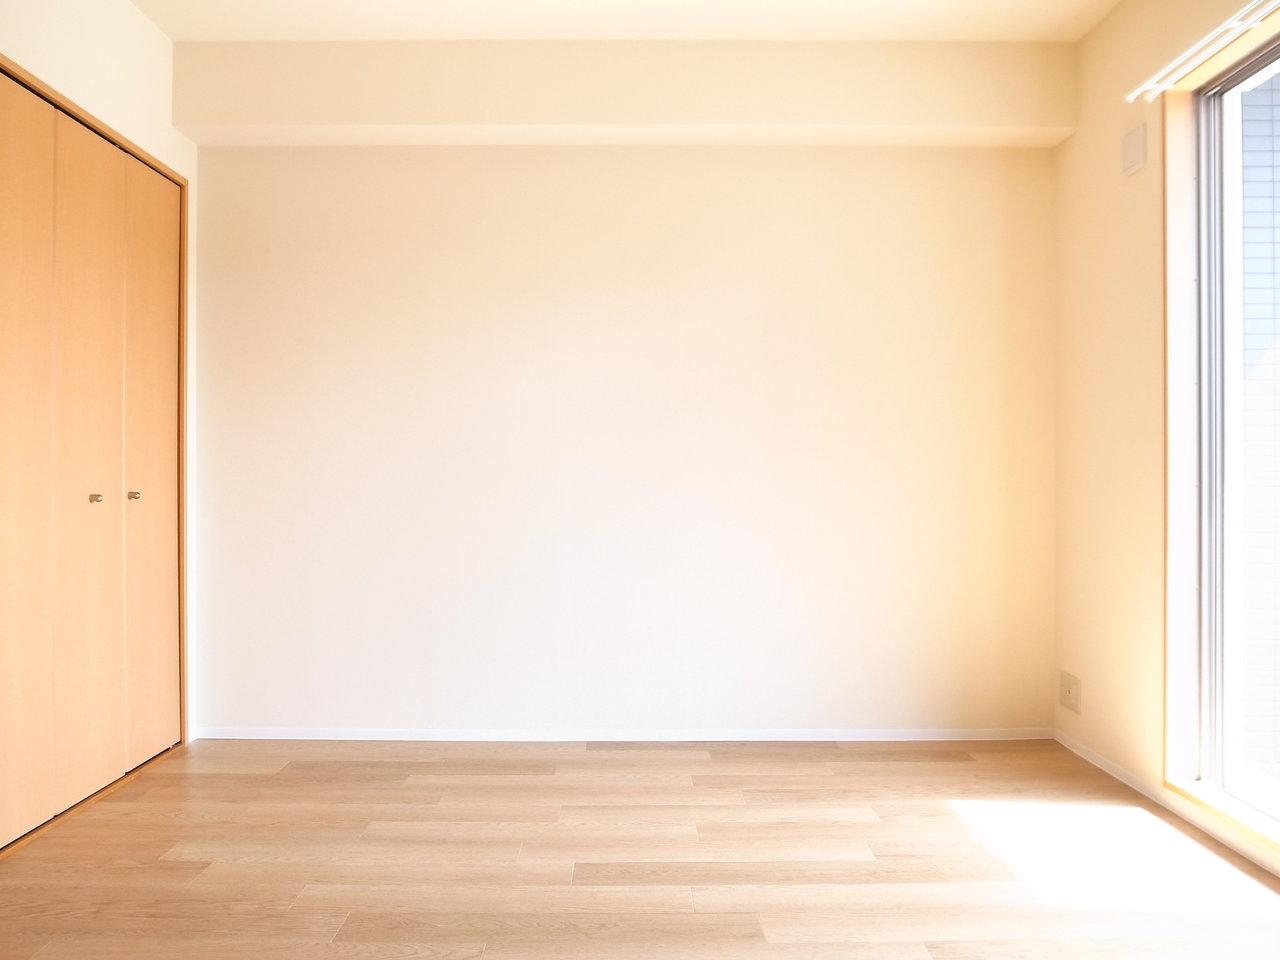 これまでご紹介した物件とは一転。木のぬくもりが感じられる、あたたかみのある1Kタイプのお部屋で、11畳と広々としています。